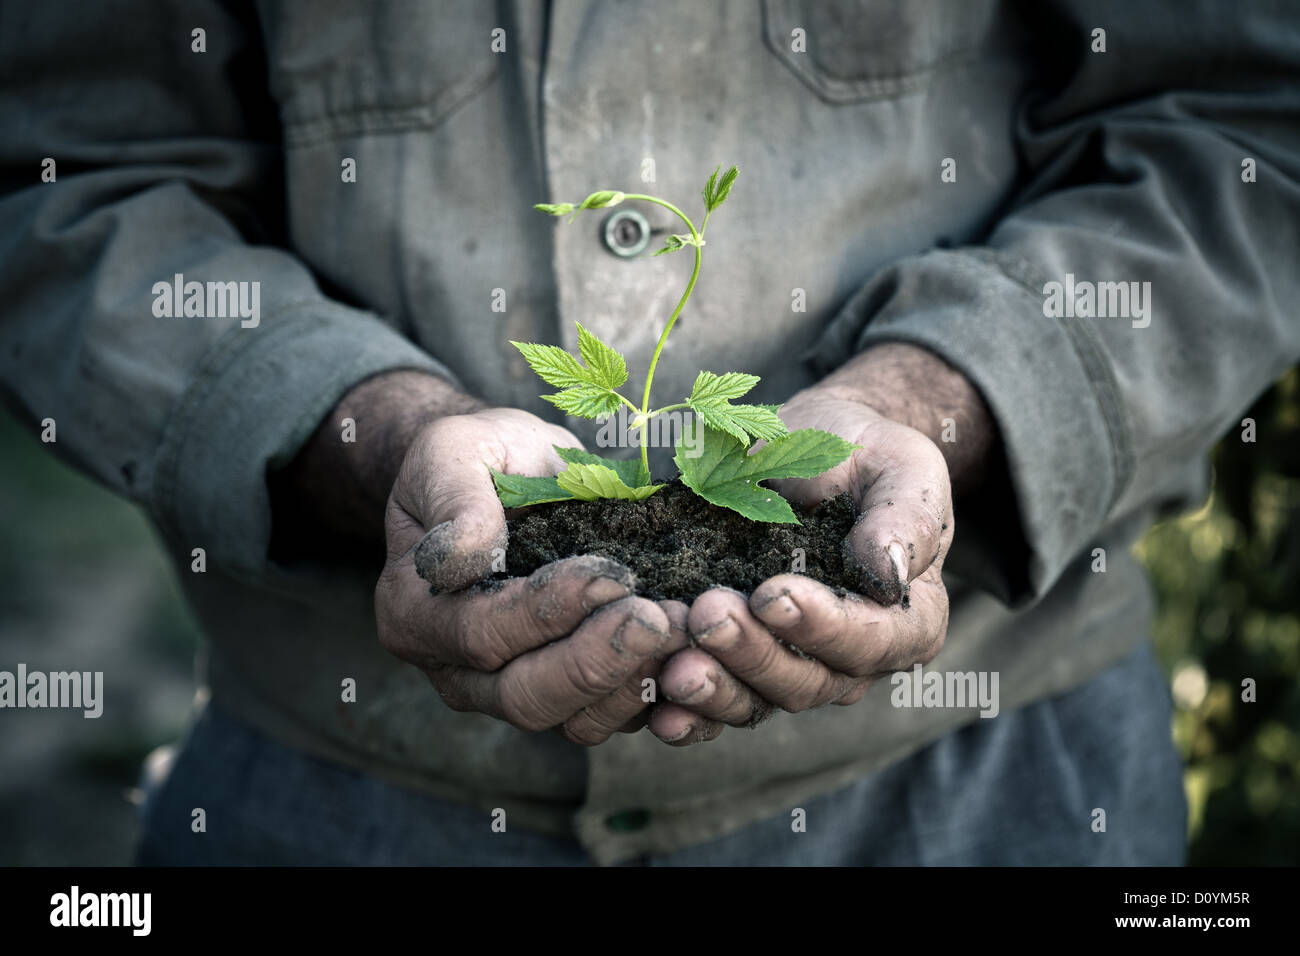 Mannhände halten eine grüne junge Pflanze Stockbild